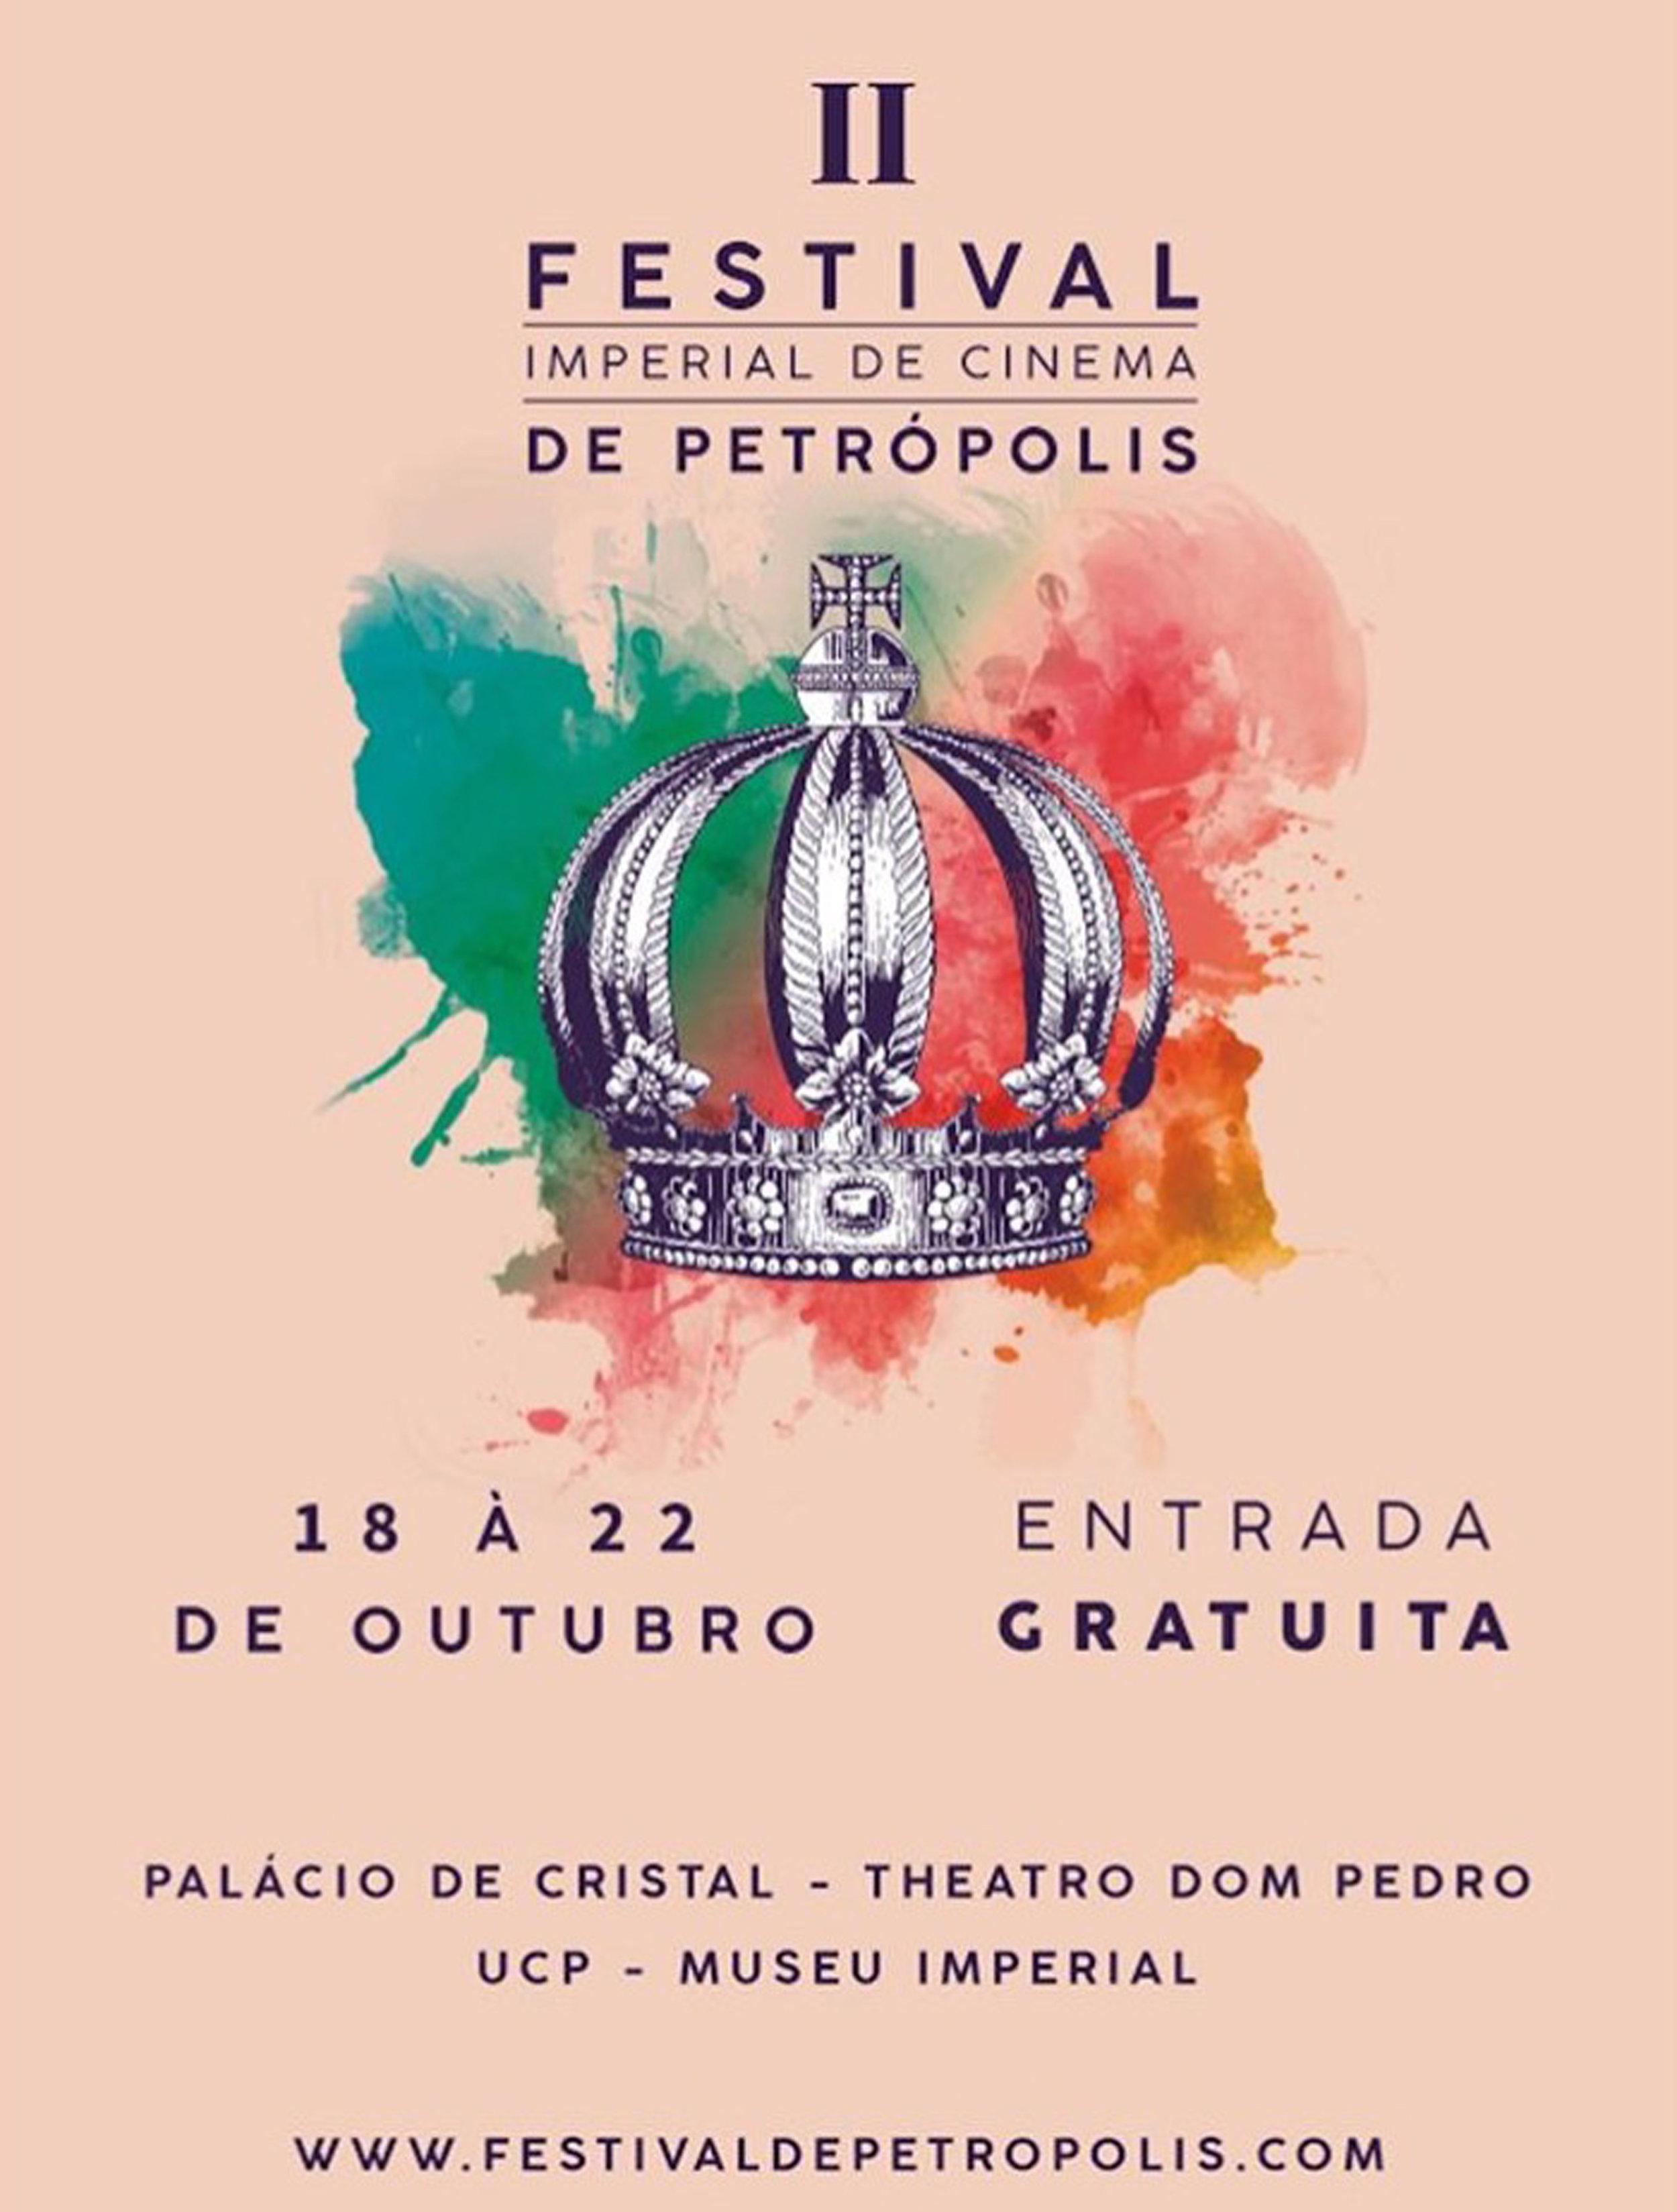 II e III Festival Imperial de Cinema de Petrópolis